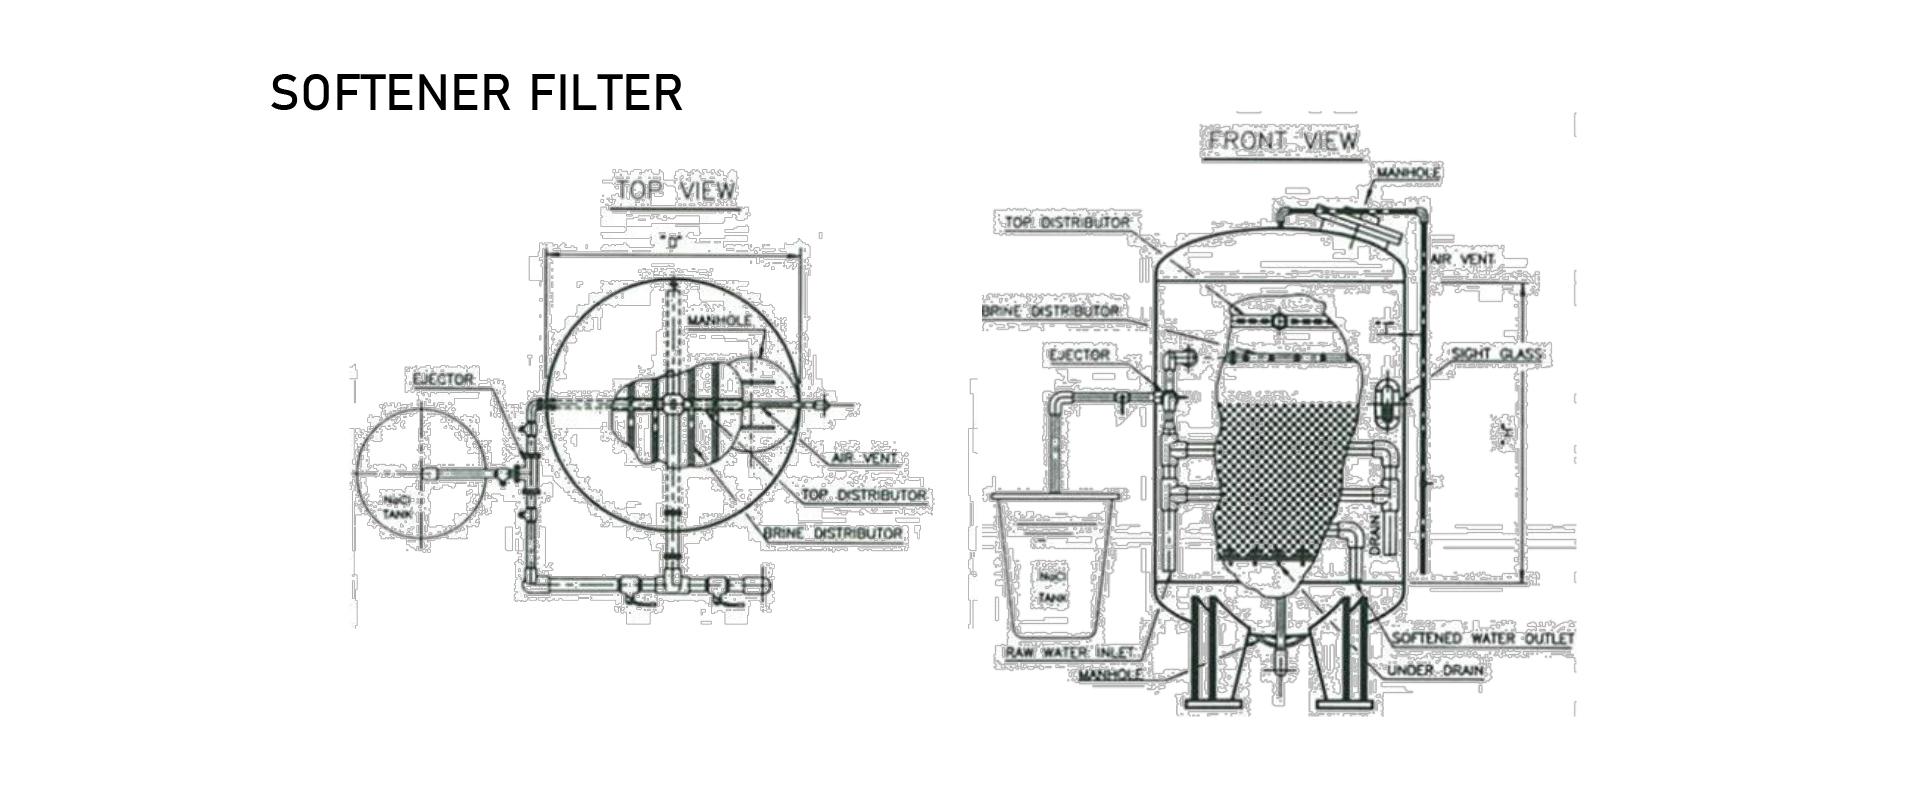 ระบบทำน้ำอ่อน เครื่องทำน้ำอ่อน